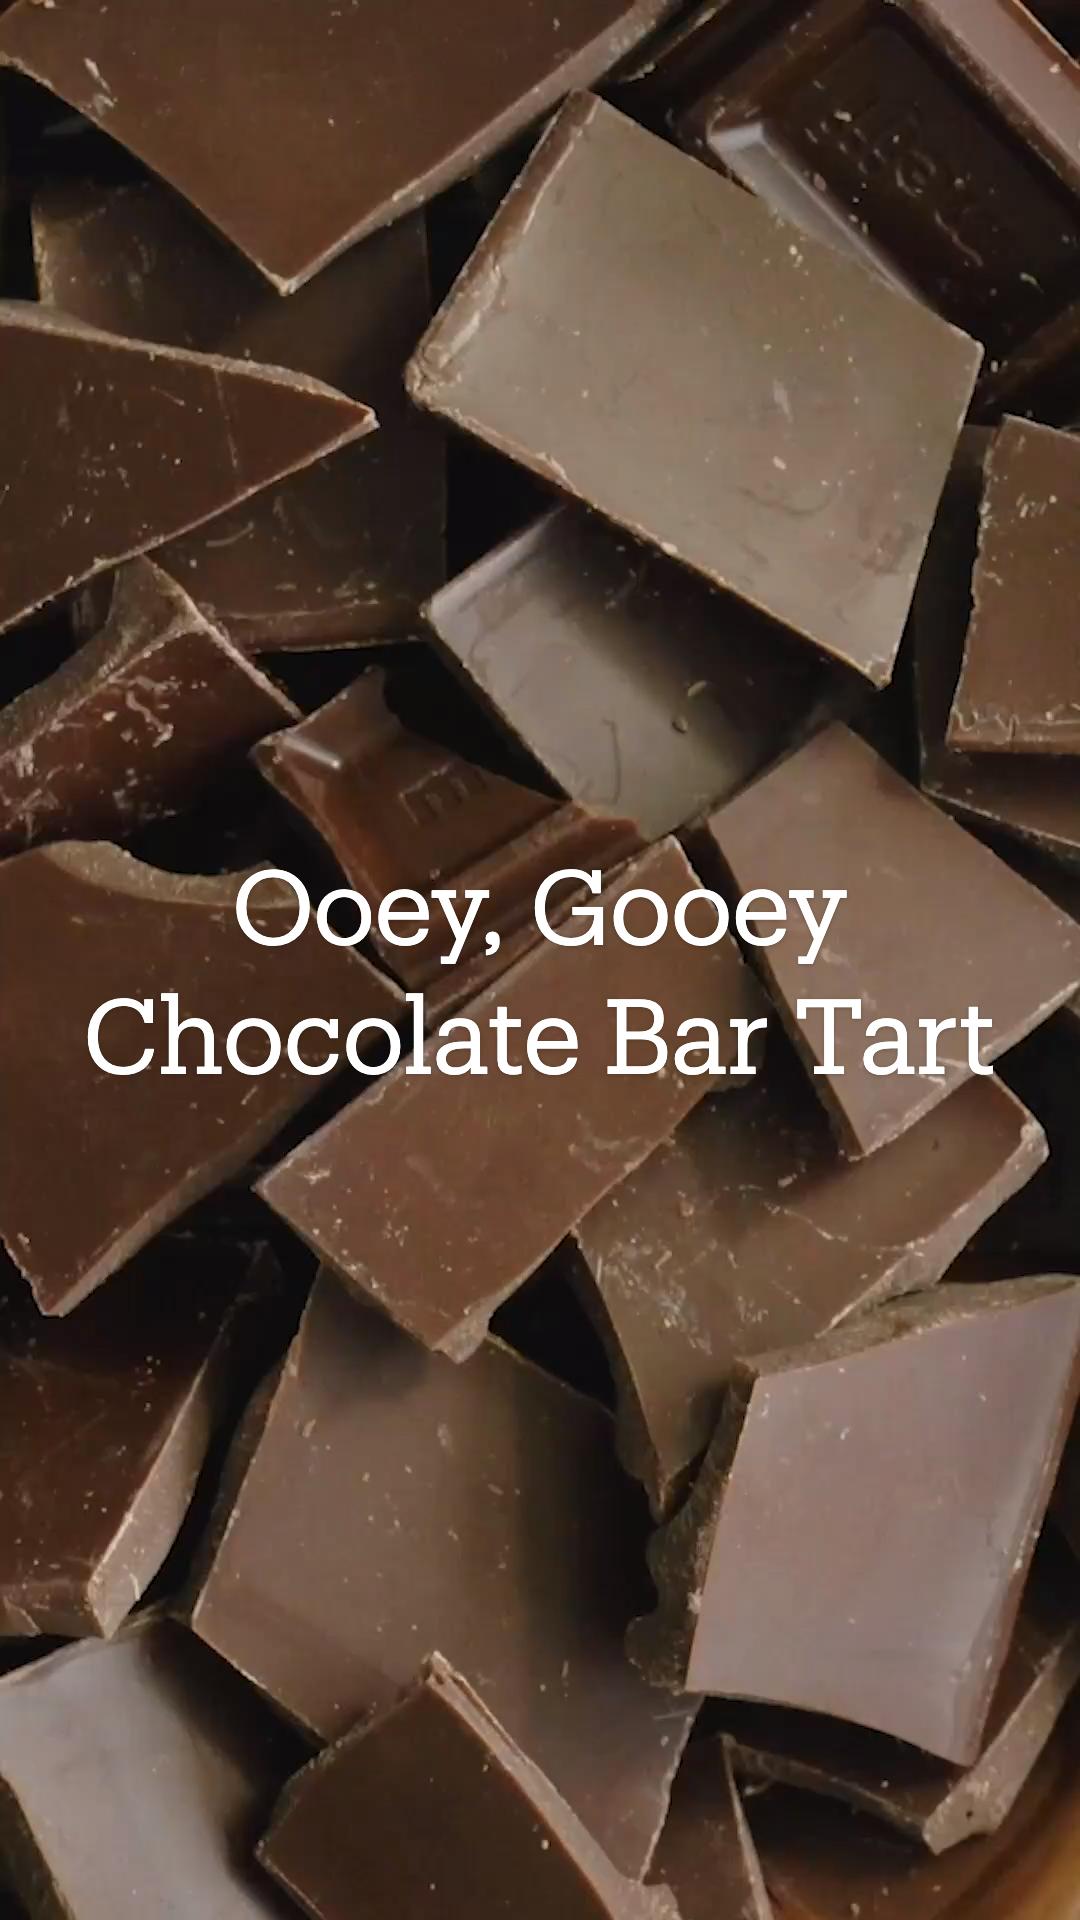 Chocolate Bar Tart